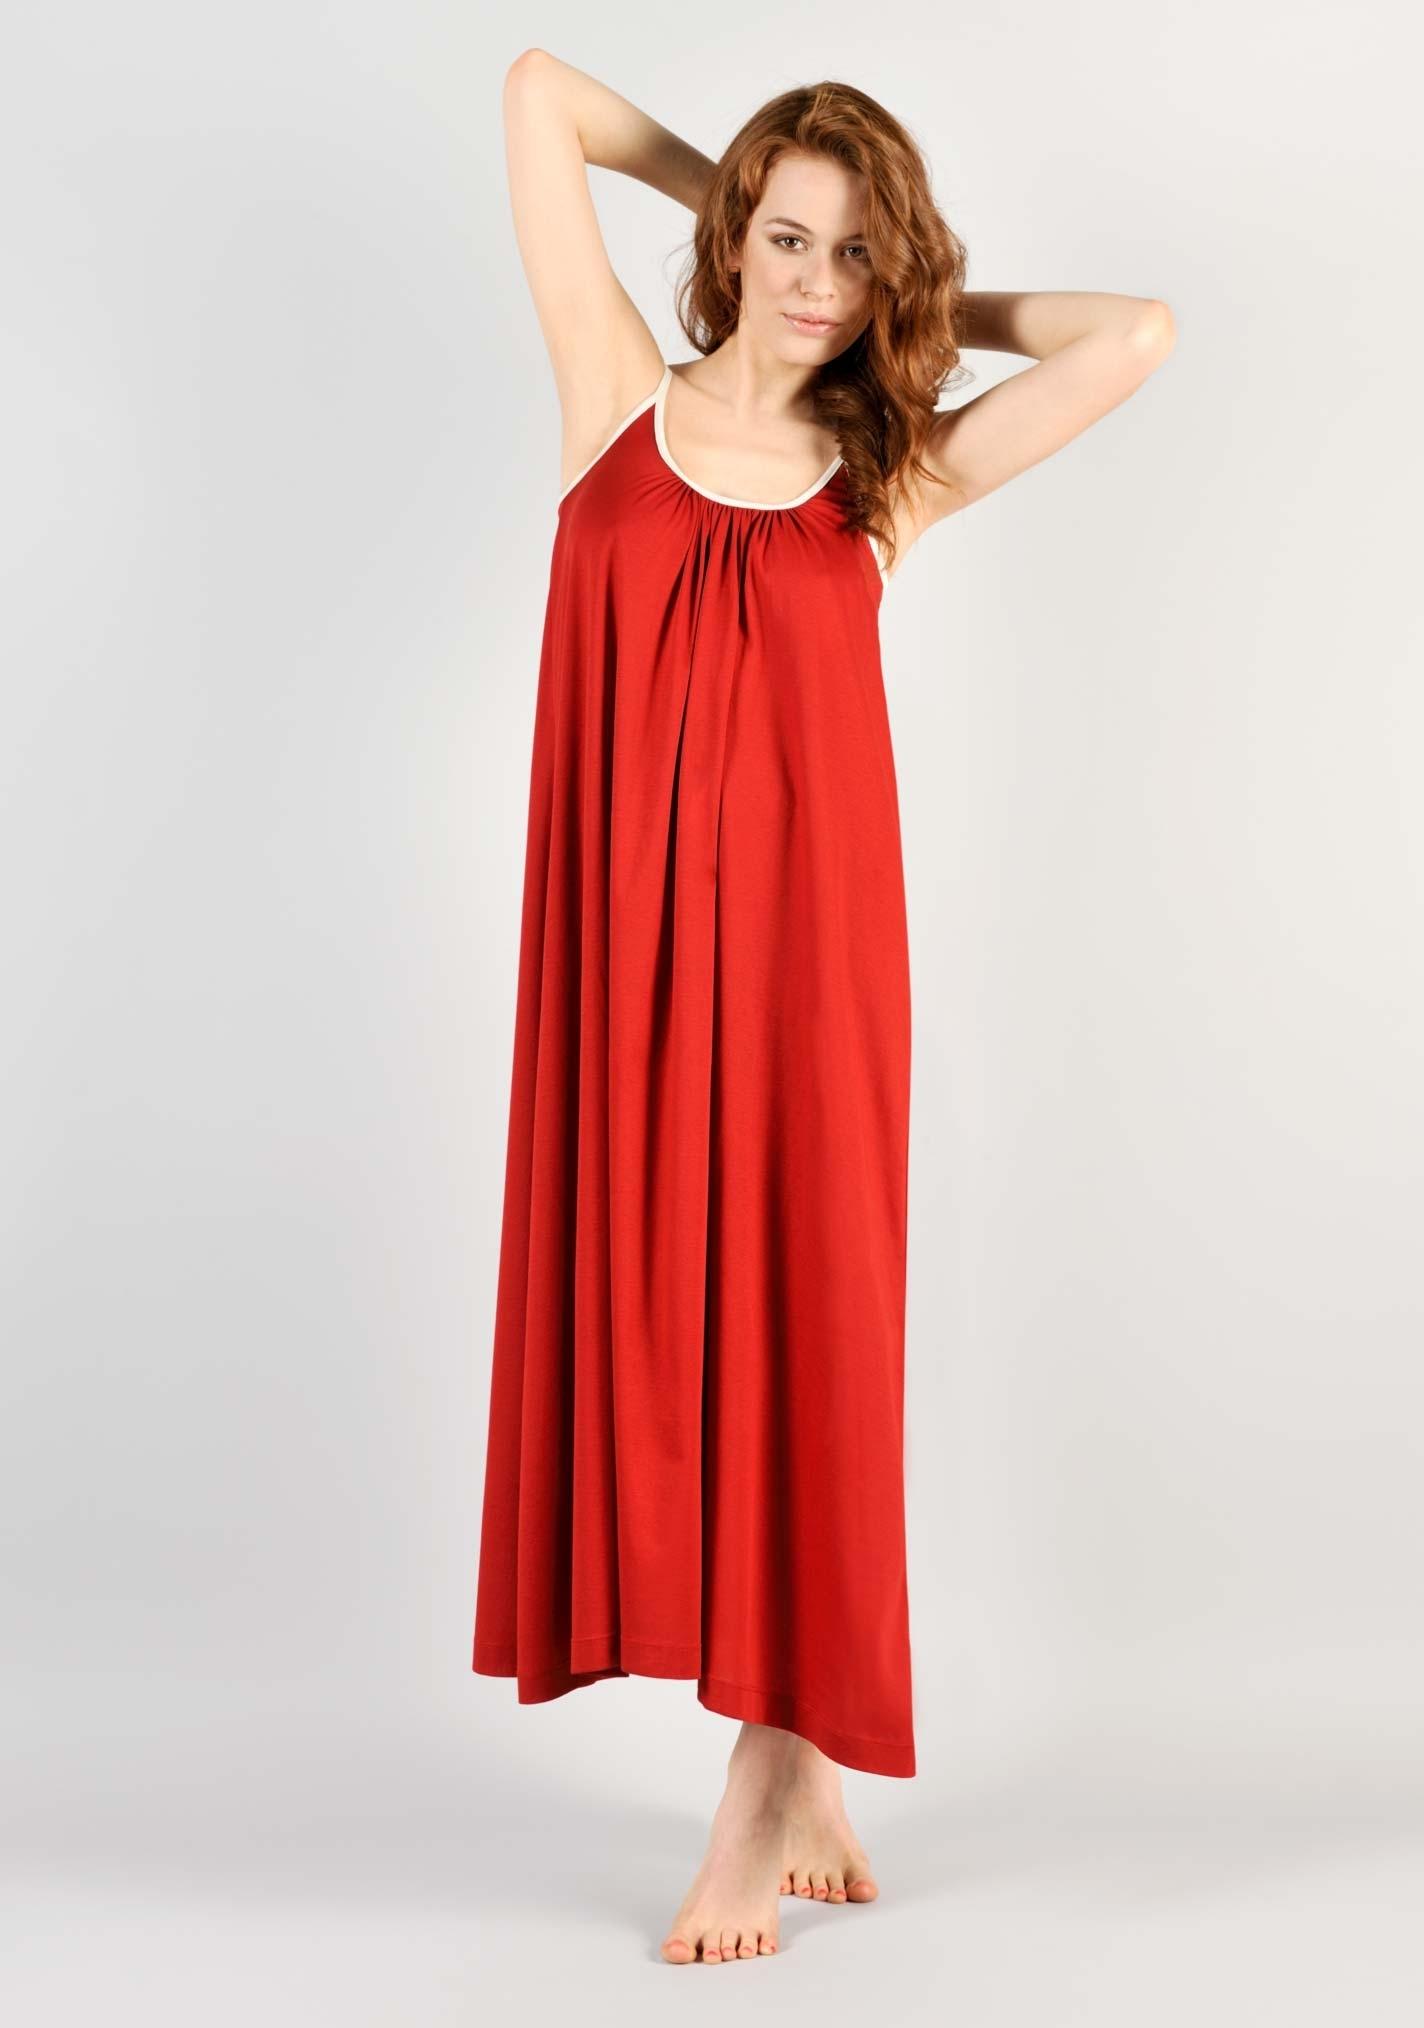 nouveaux styles d50a3 9c416 chemise de nuit coton longue rouge